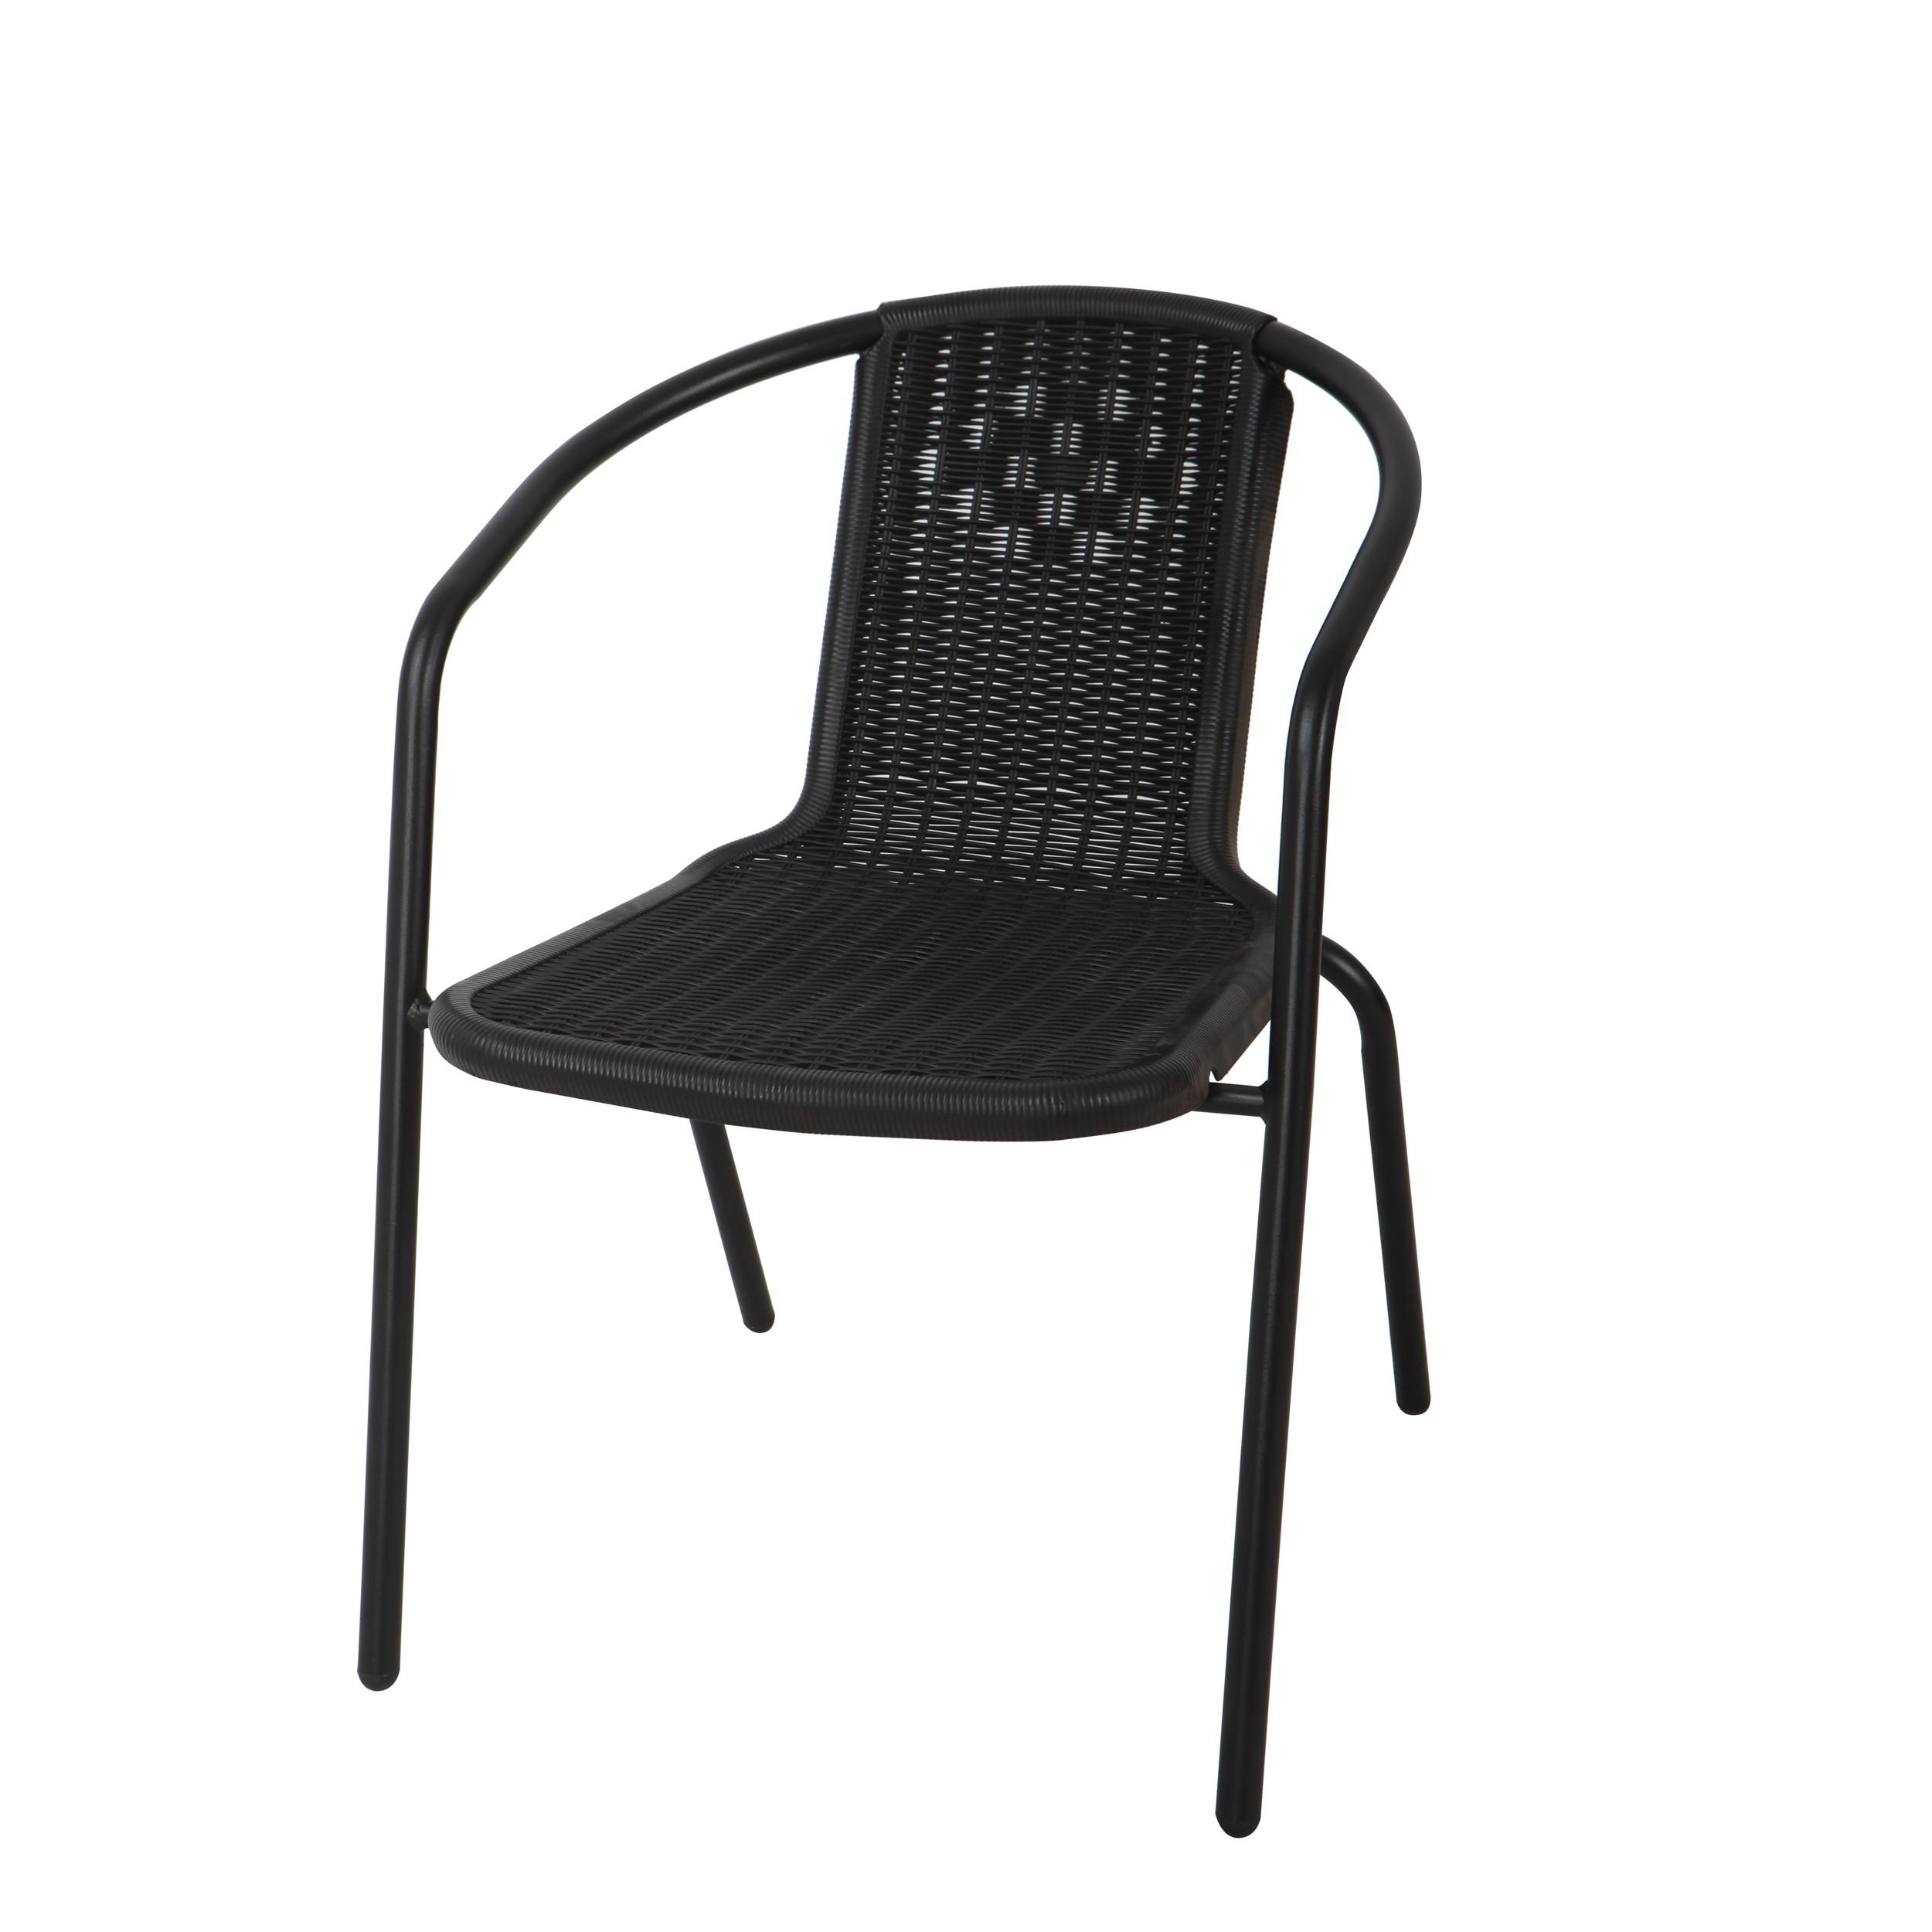 Dedeman Scaun Pentru Gradina Bistro 27026 Rt Metal Polietilena Negru Dedicat Planurilor Tale